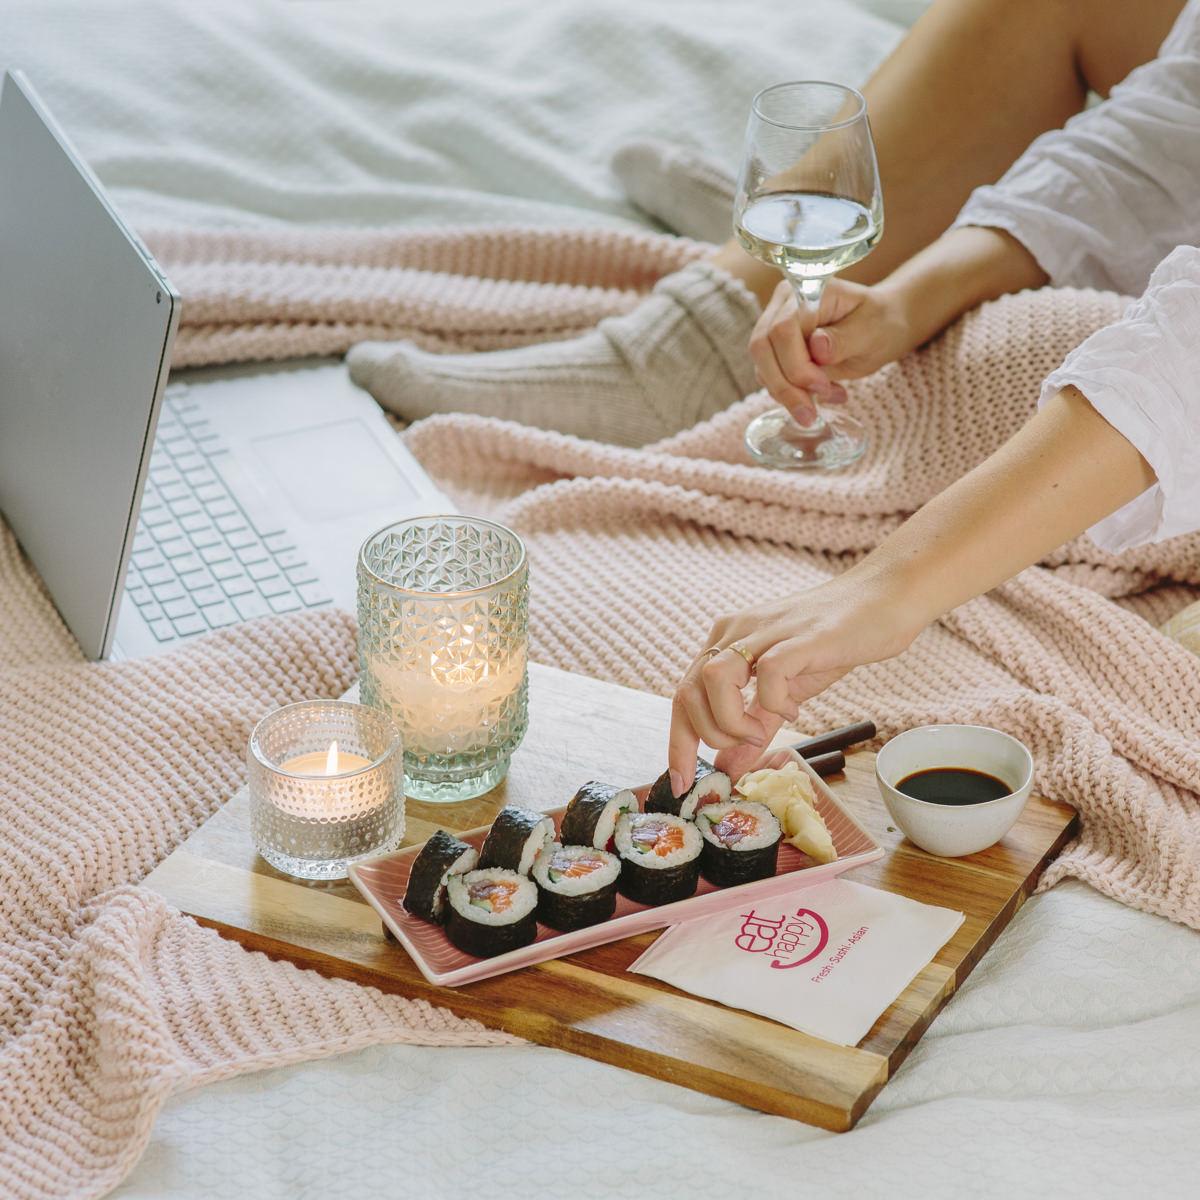 eine Frau isst entspannt Sushi beim Laptop schauen für Social Media Content Fotografie | Foto: Hanna Witte